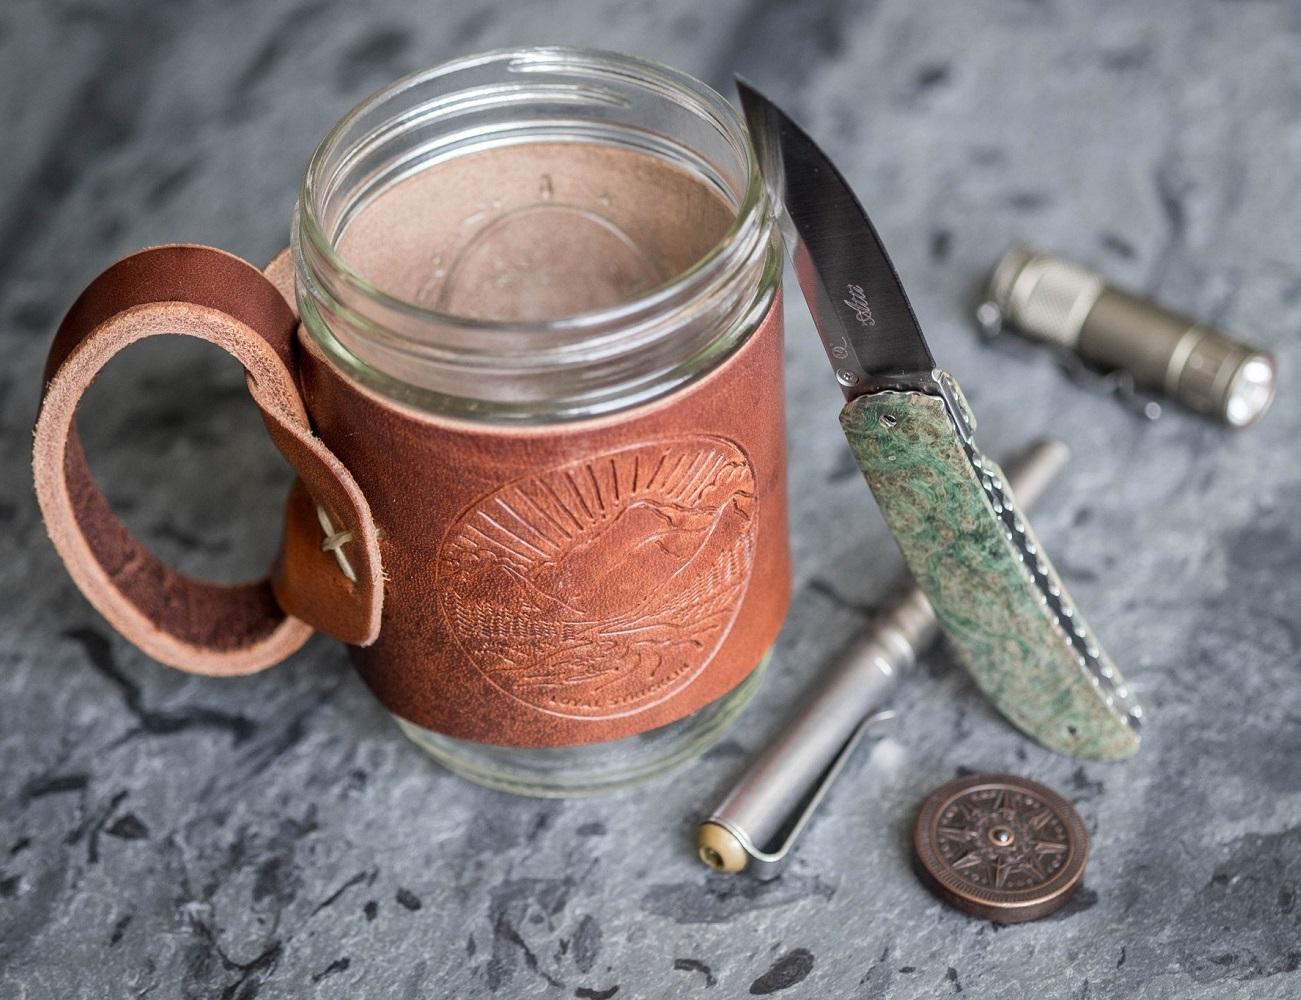 The Aviator Mug by Loyal Stricklin